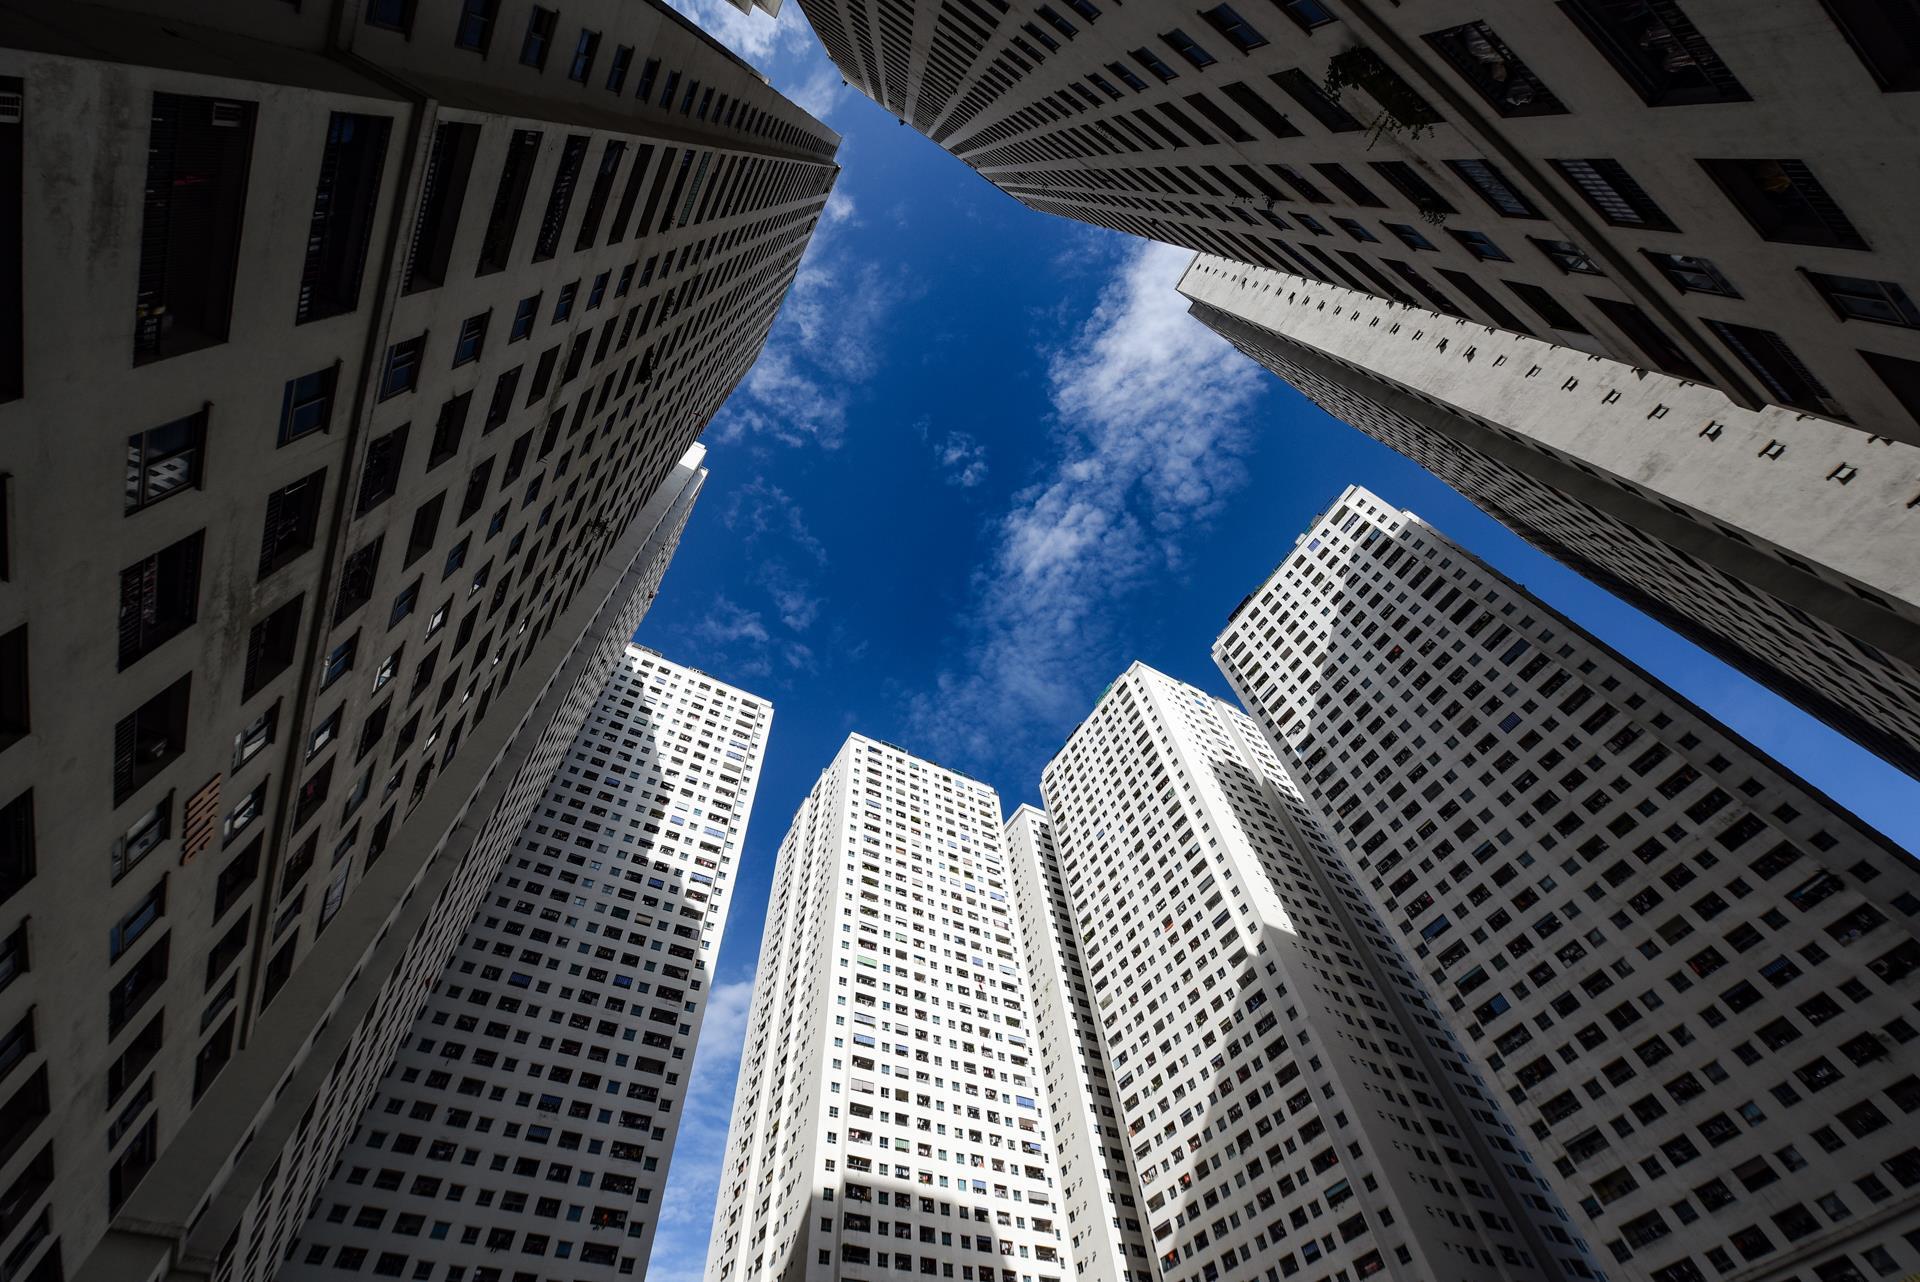 """Căn hộ chung cư 25m²: Giấc mơ an cư của người thu nhập thấp hay """"ổ chuột"""" trên cao? - Ảnh 4."""